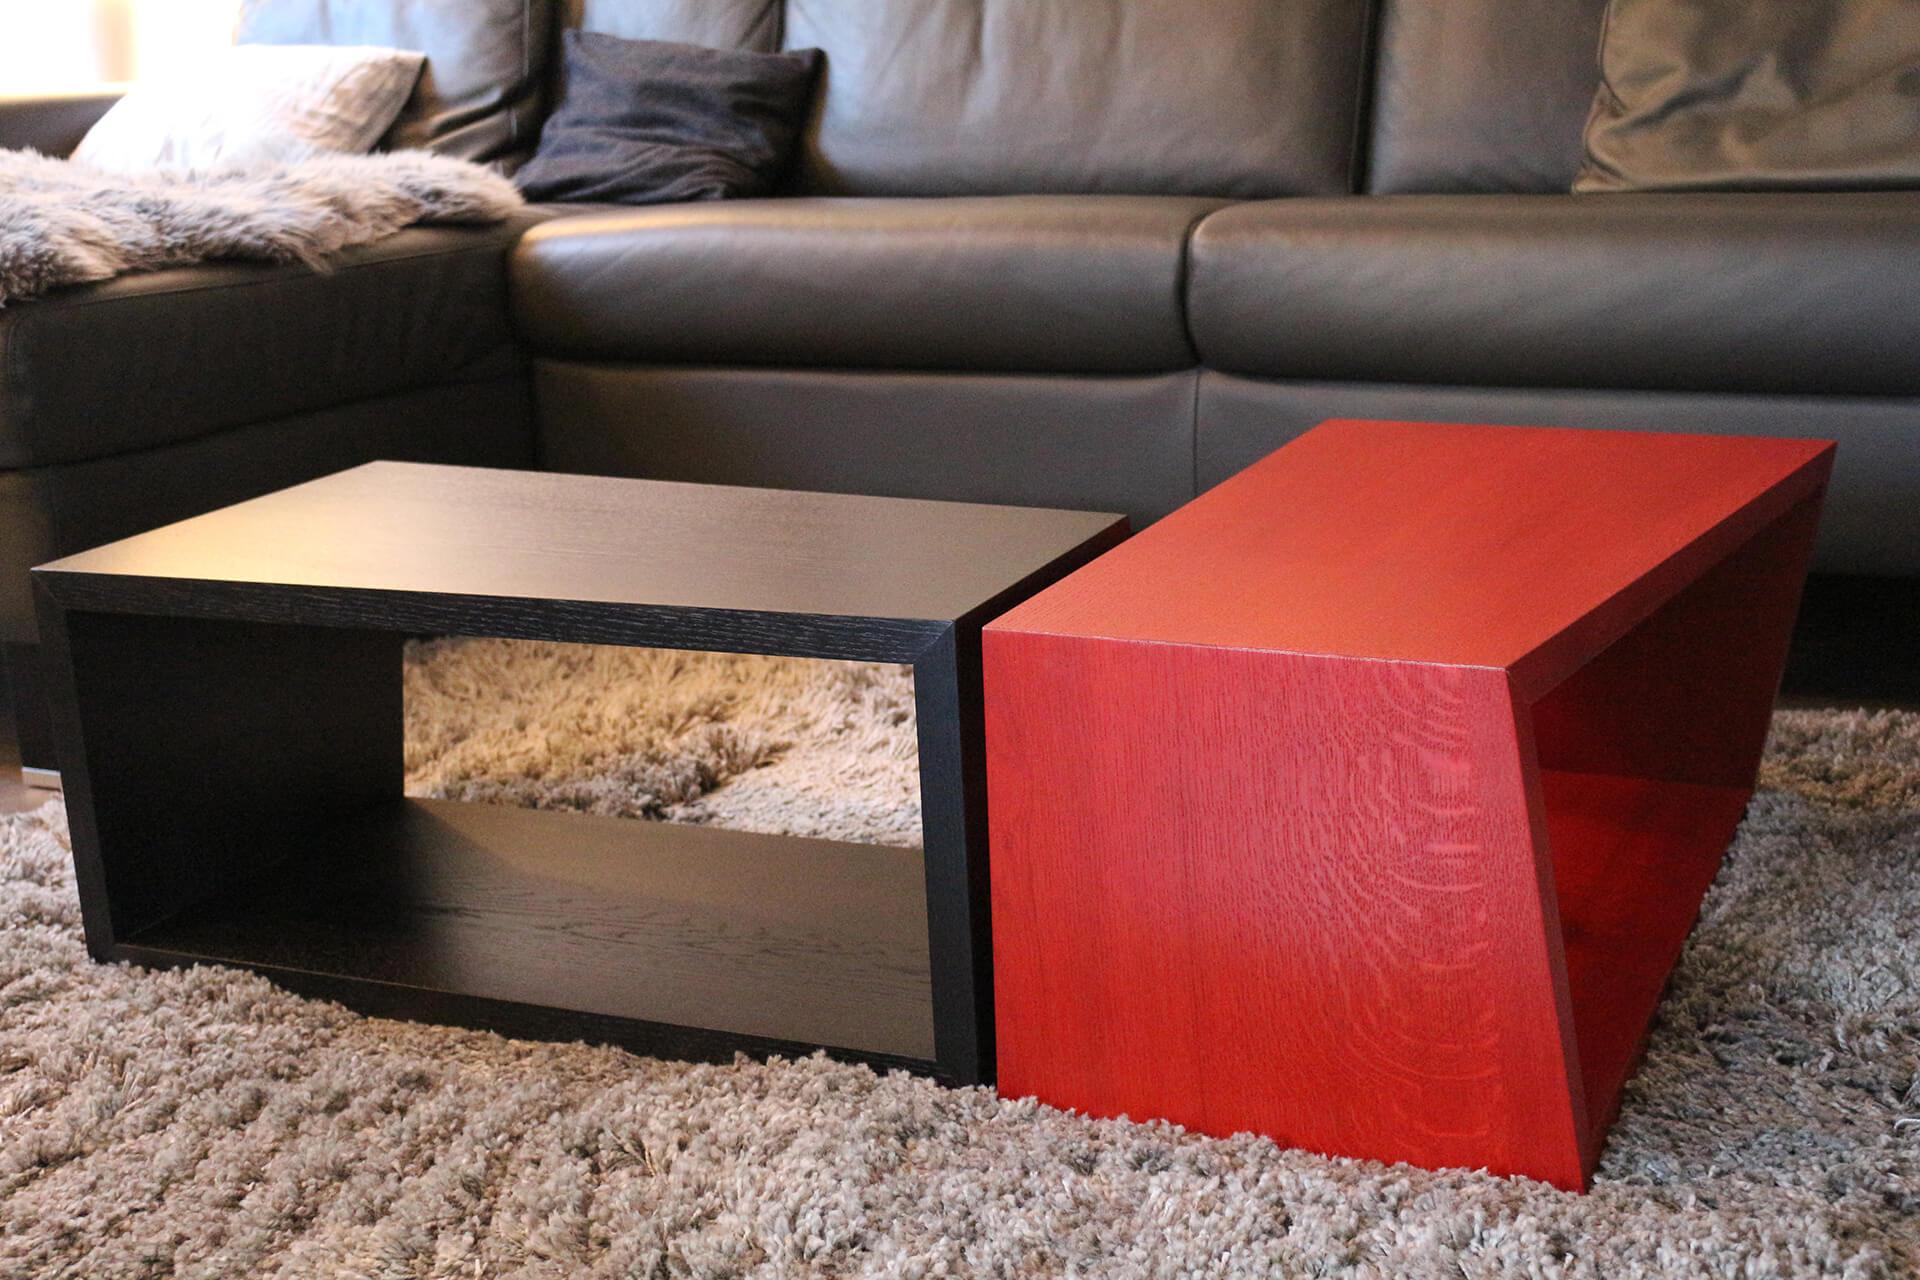 """CUBI Tisch in Rot und Schwarz. Tische als """"L"""" aufgestellt."""